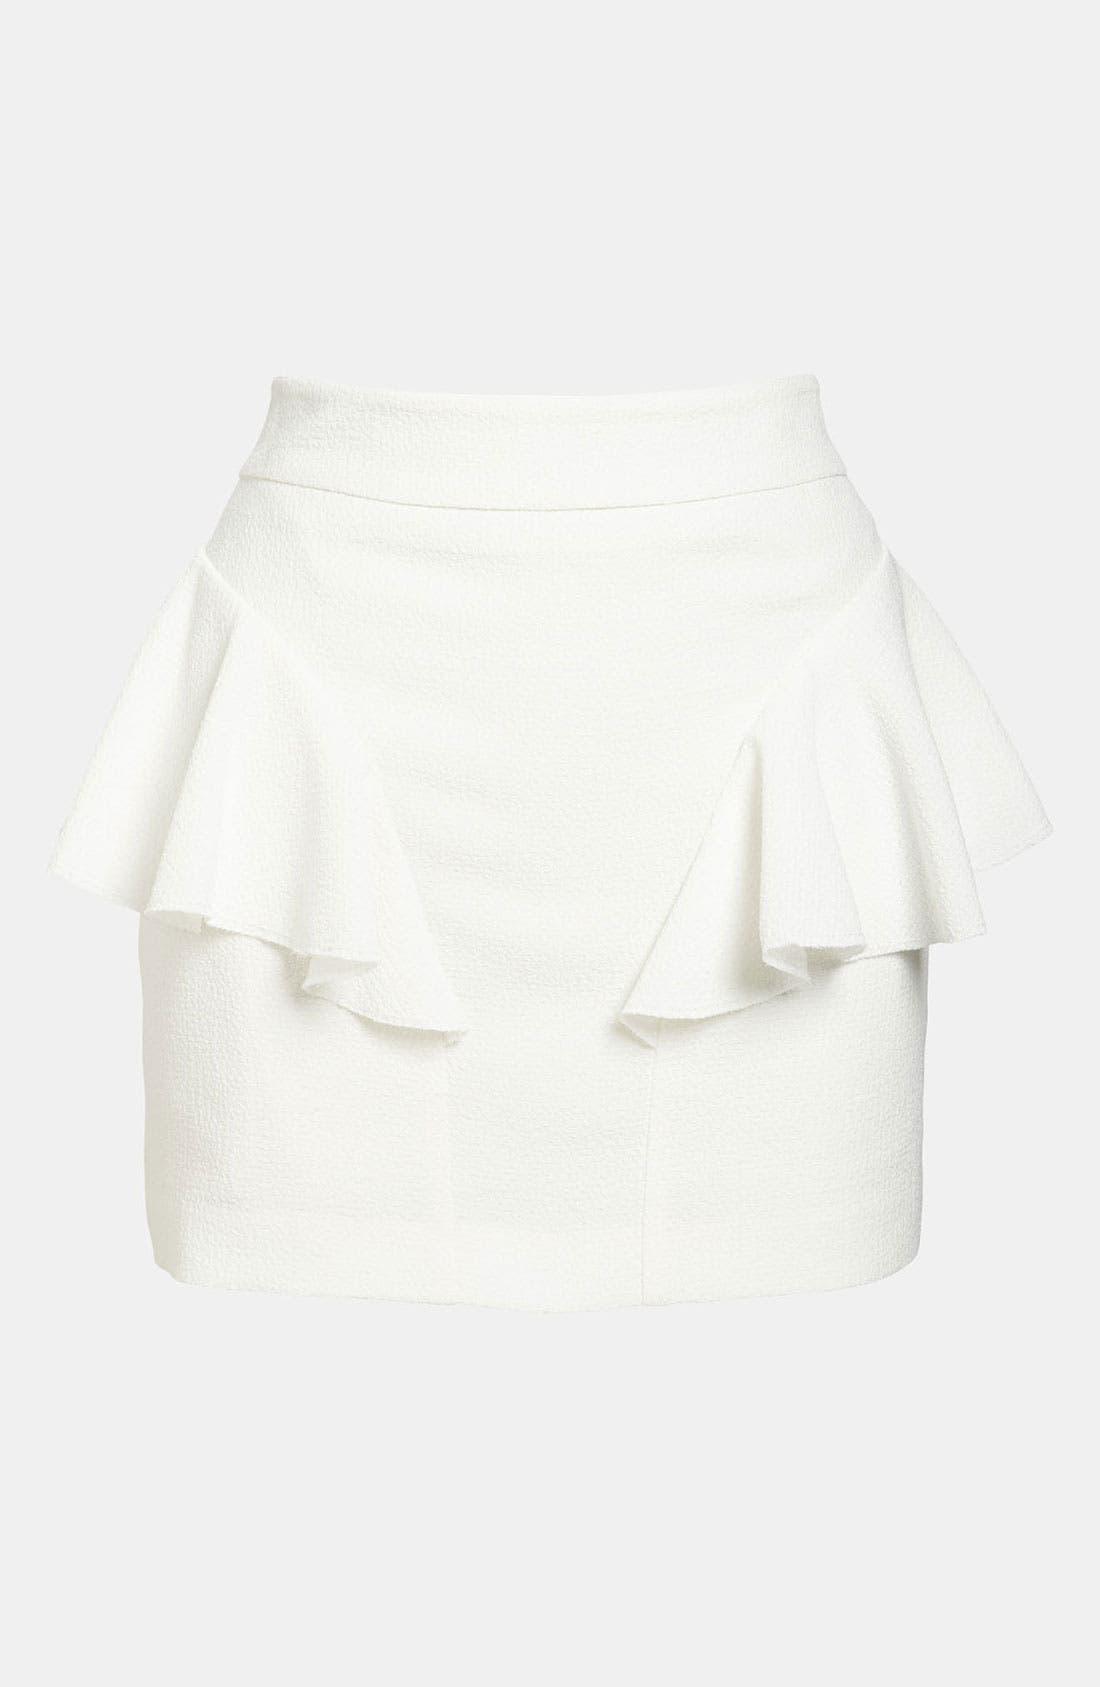 Main Image - Tildon Side Ruffle Skirt